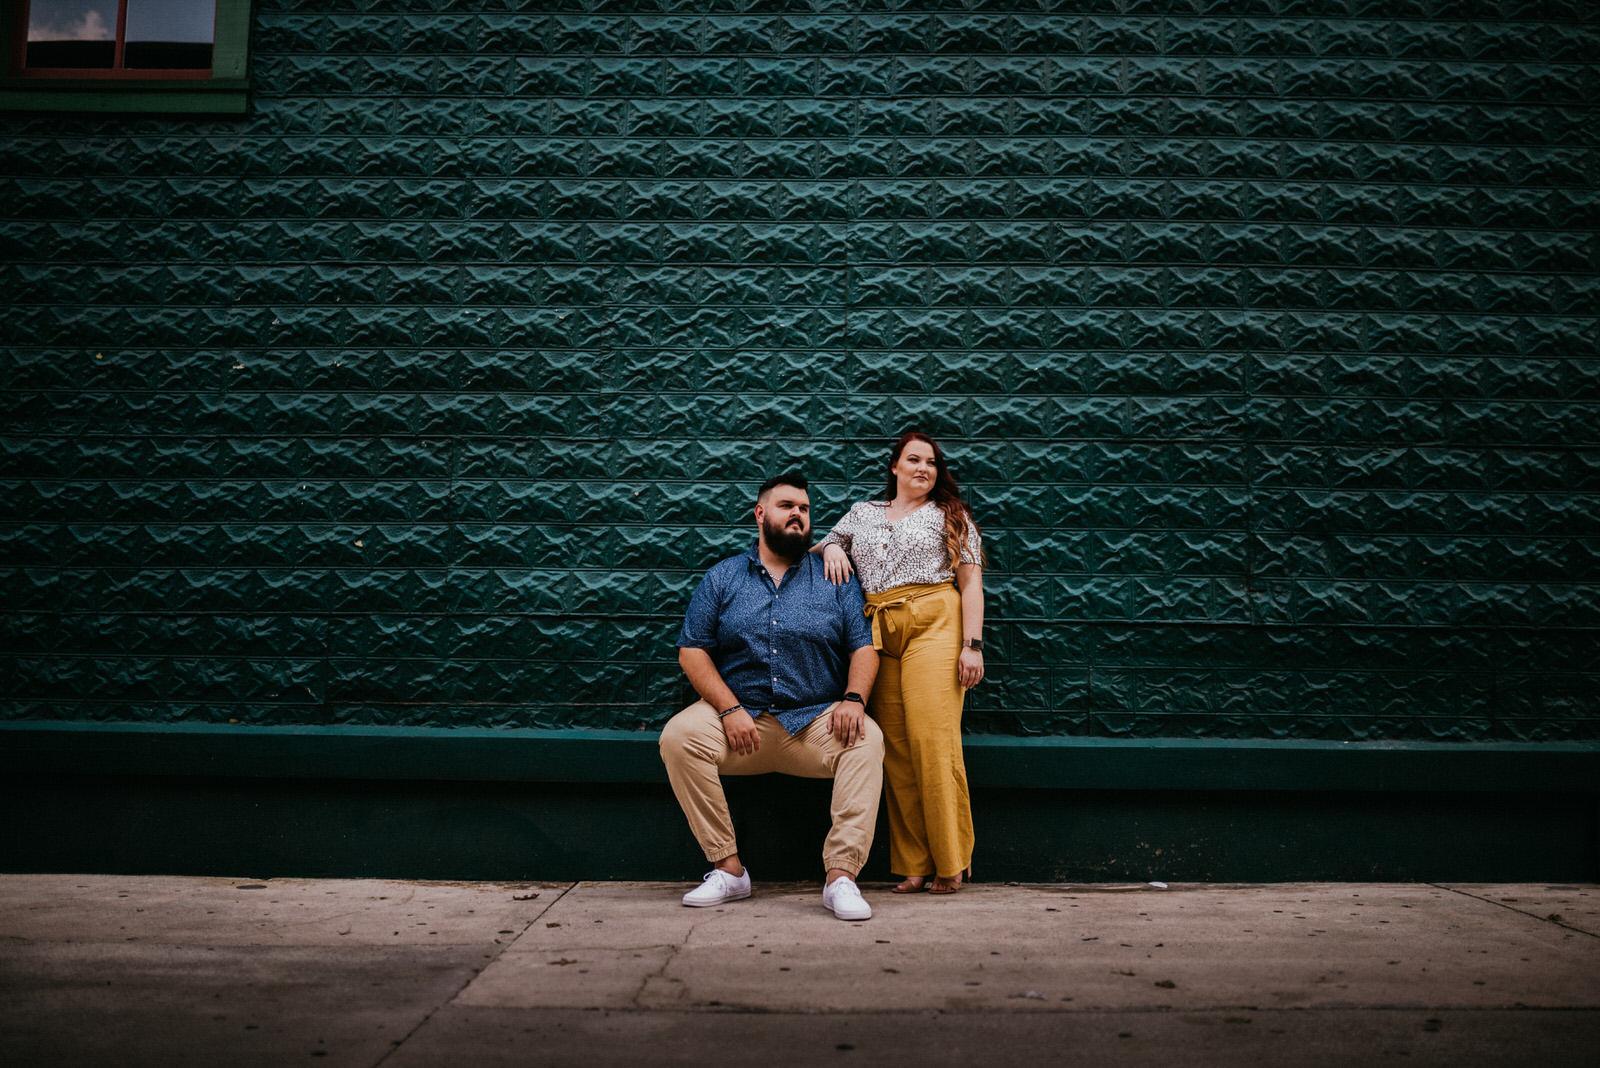 Sierra&Daniel15.jpg